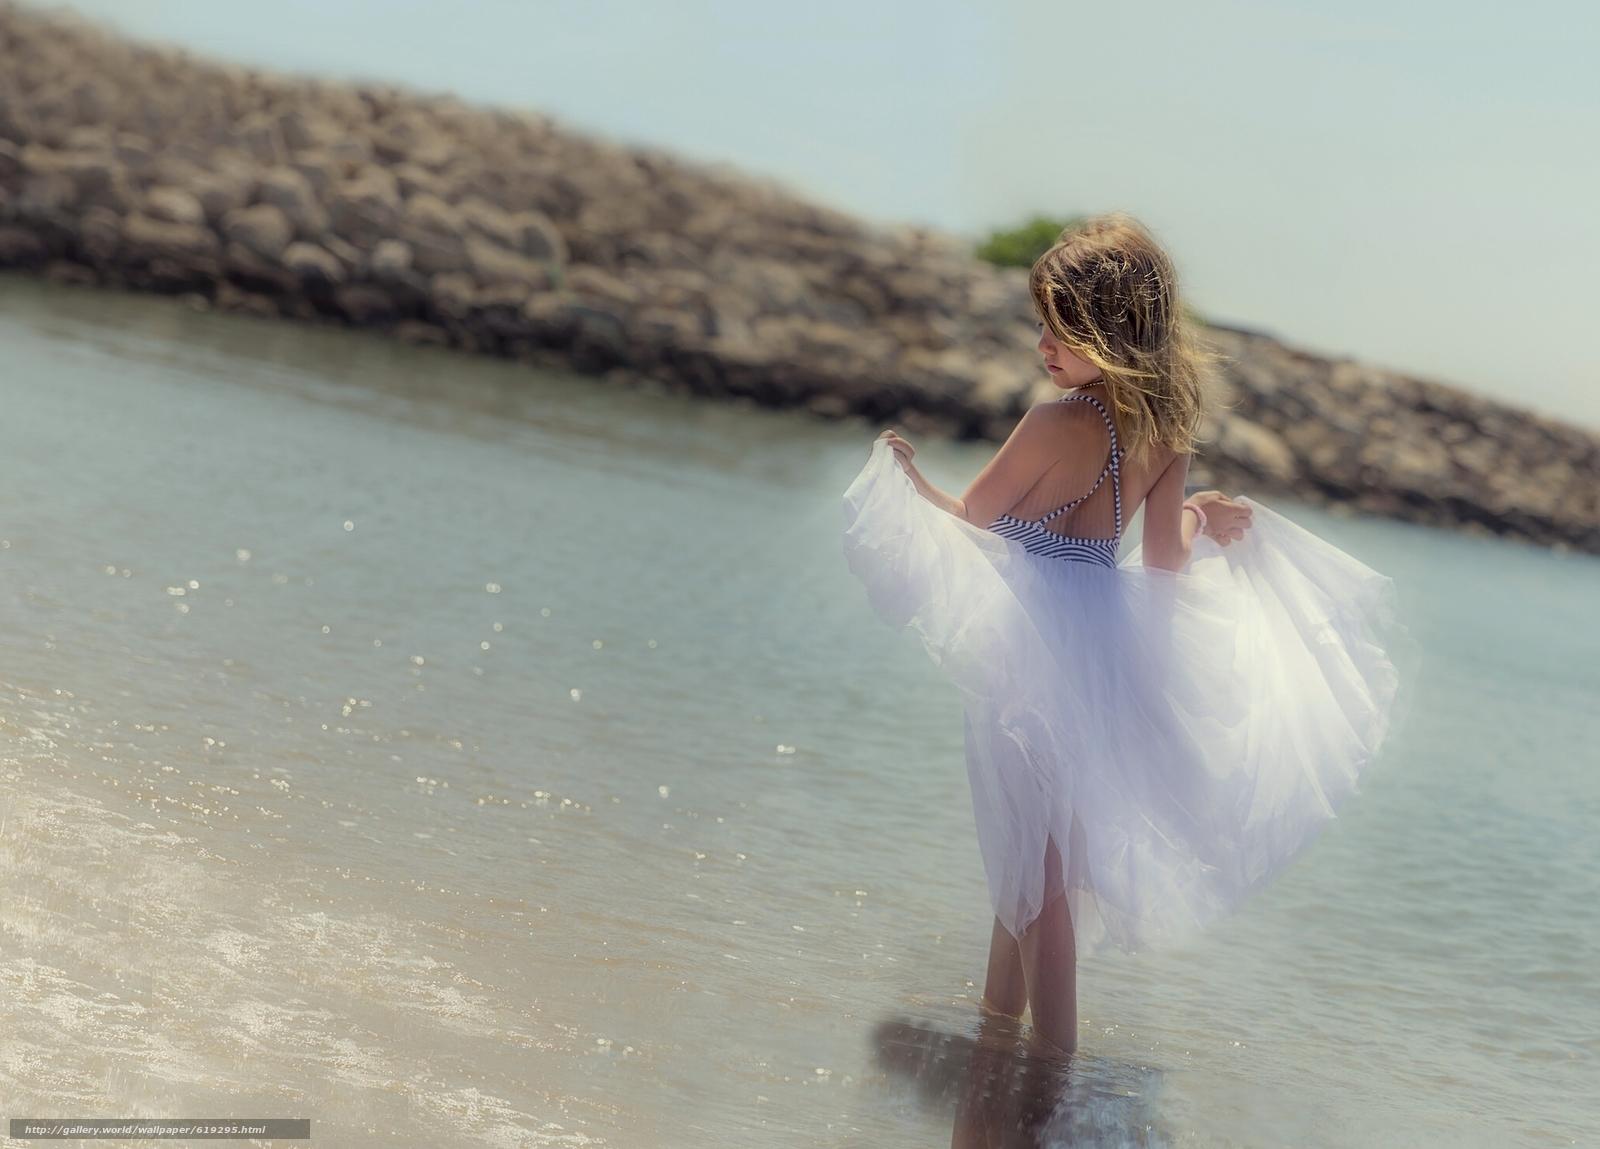 Скачать обои девочка,  юбка,  море,  настроение бесплатно для рабочего стола в разрешении 2048x1471 — картинка №619295